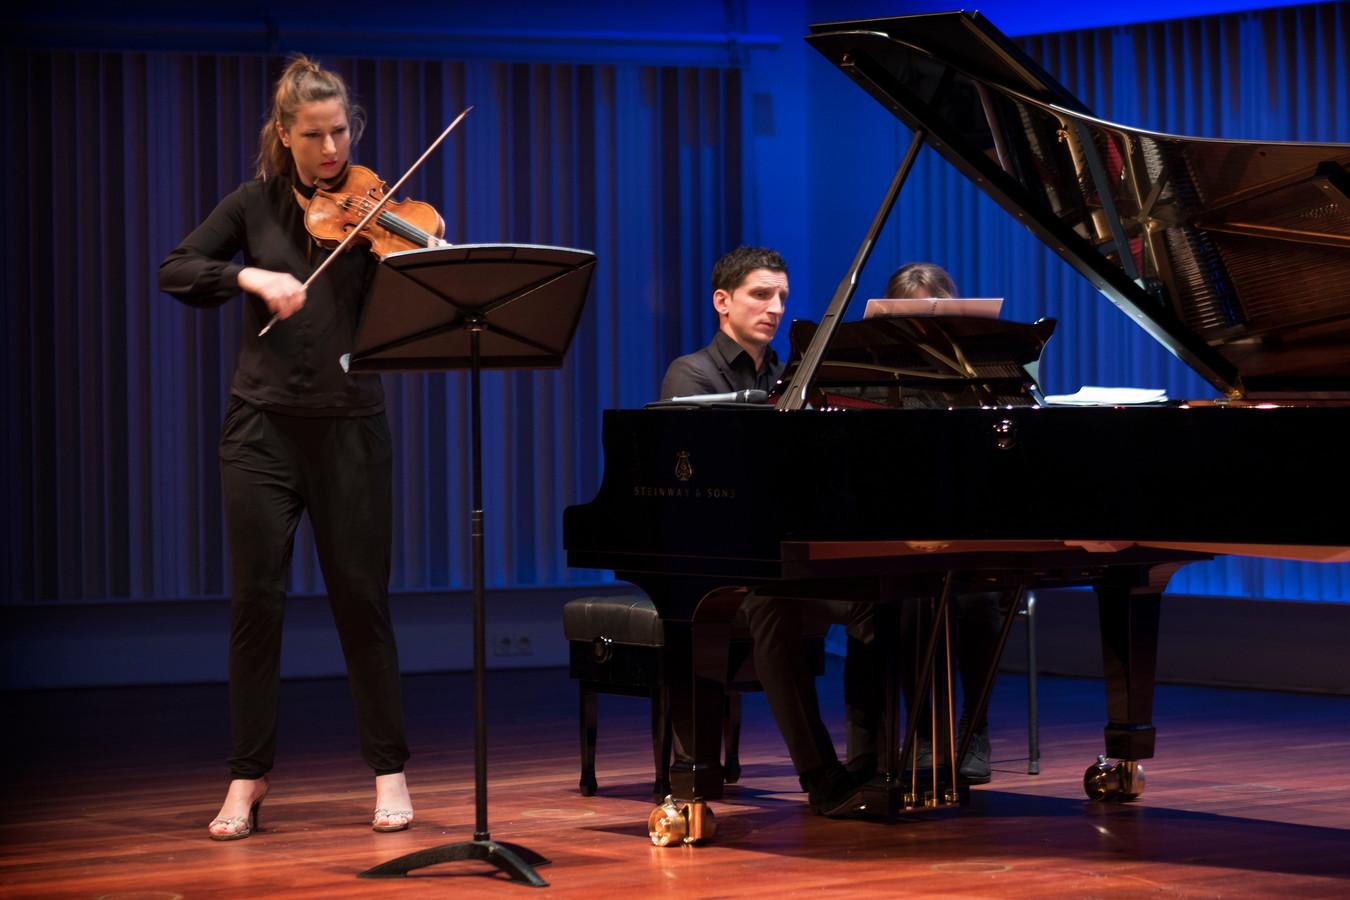 Optreden van Rosanne Philippens & Francois Lambret in het Muziekgebouw Eindhoven.